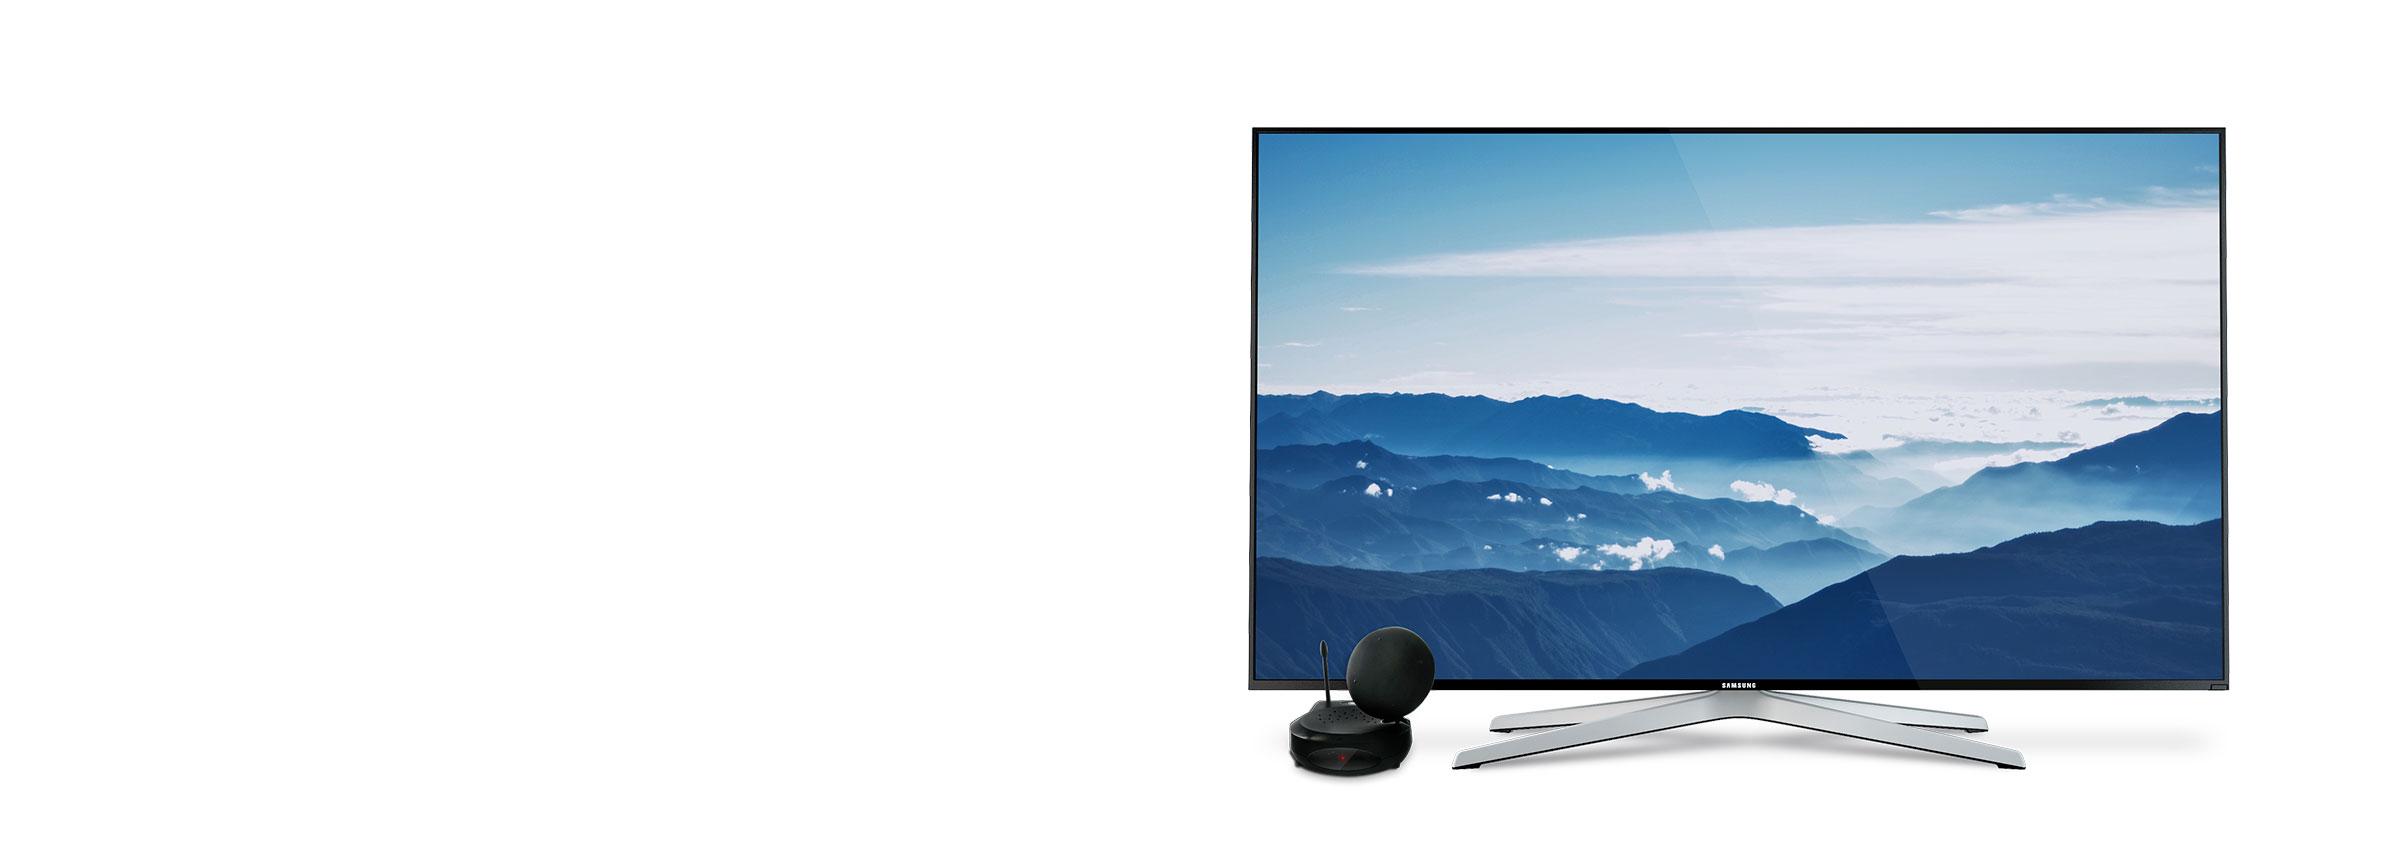 5.8GHz 6 Channel Wireless Audio/Video Sender Transmitter & Receiver ...